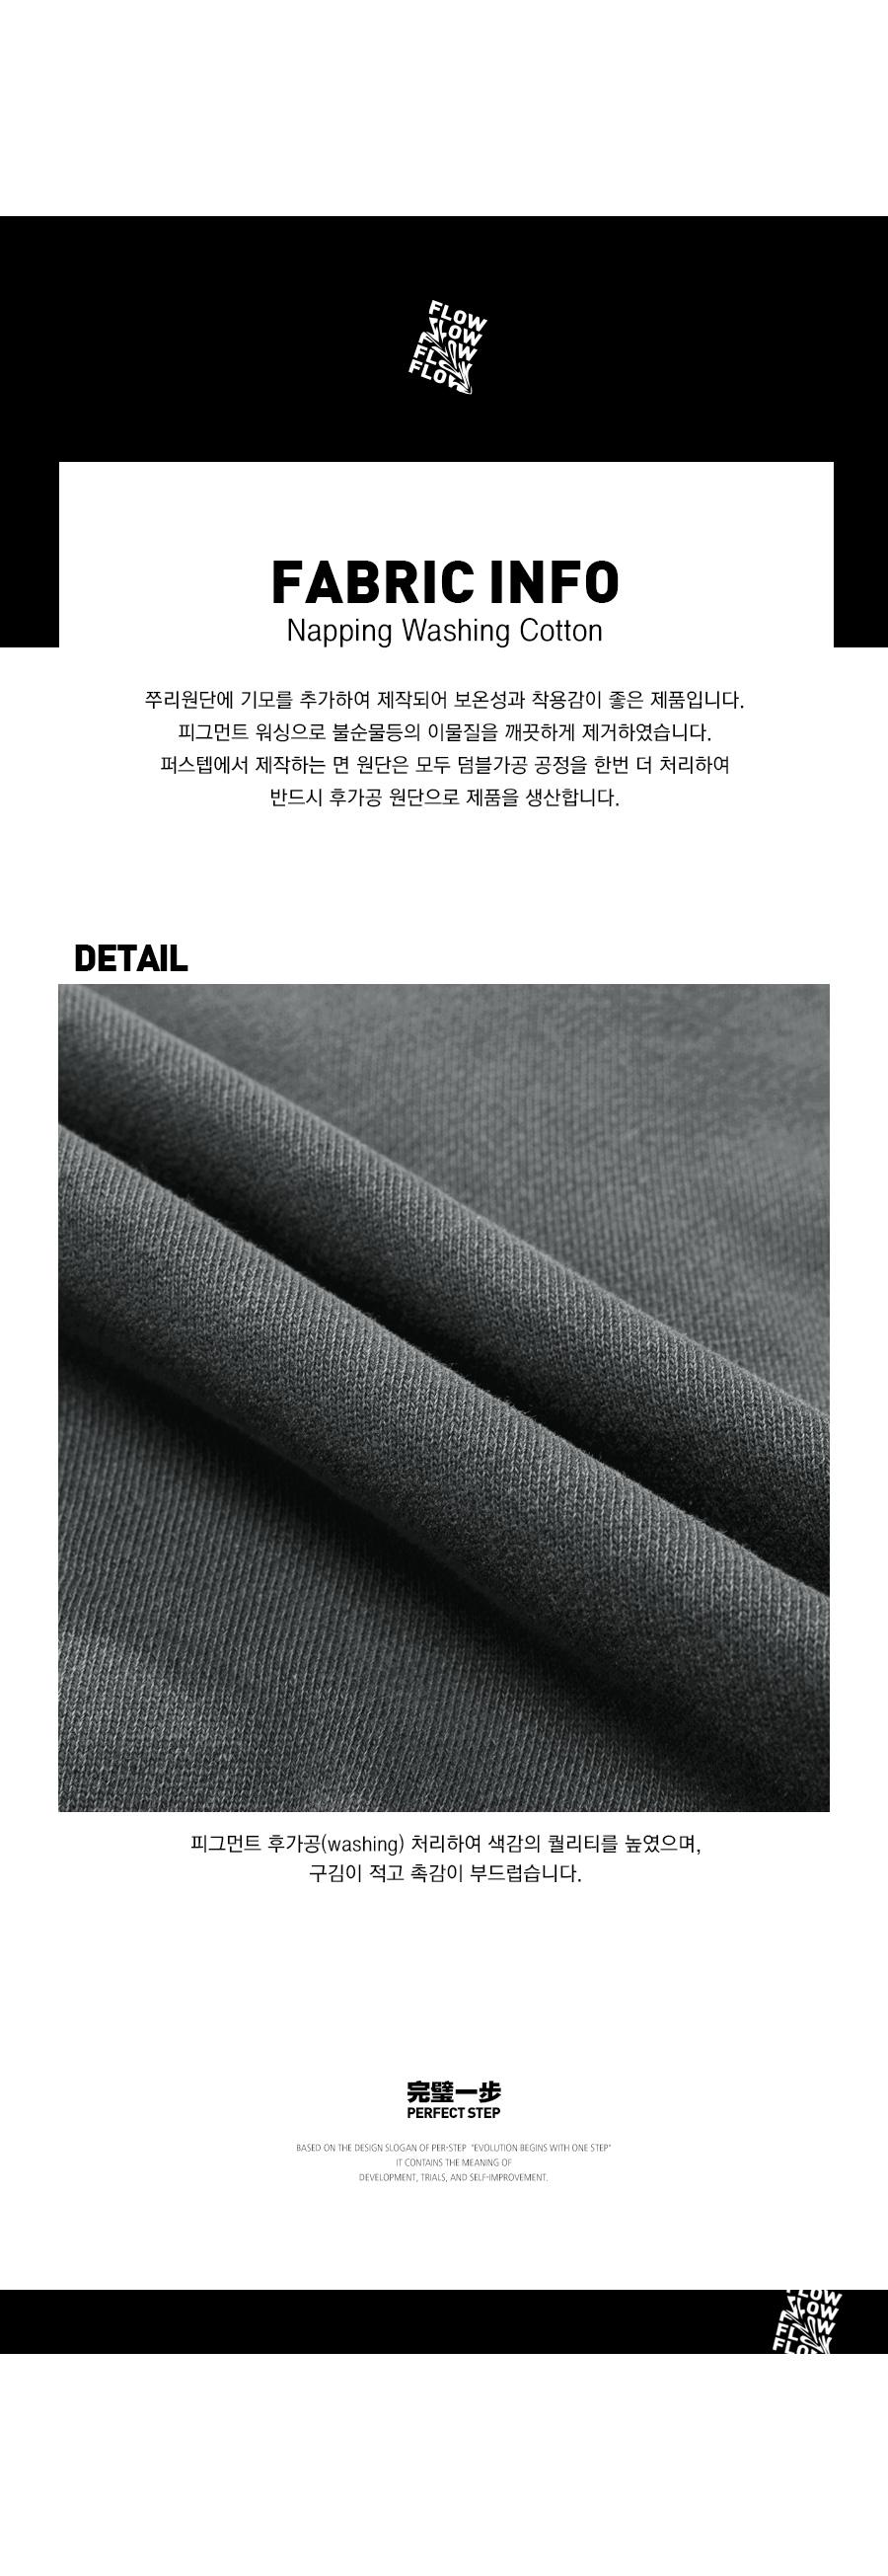 [퍼스텝] 데프트 후드집업 4종 JUHD4299